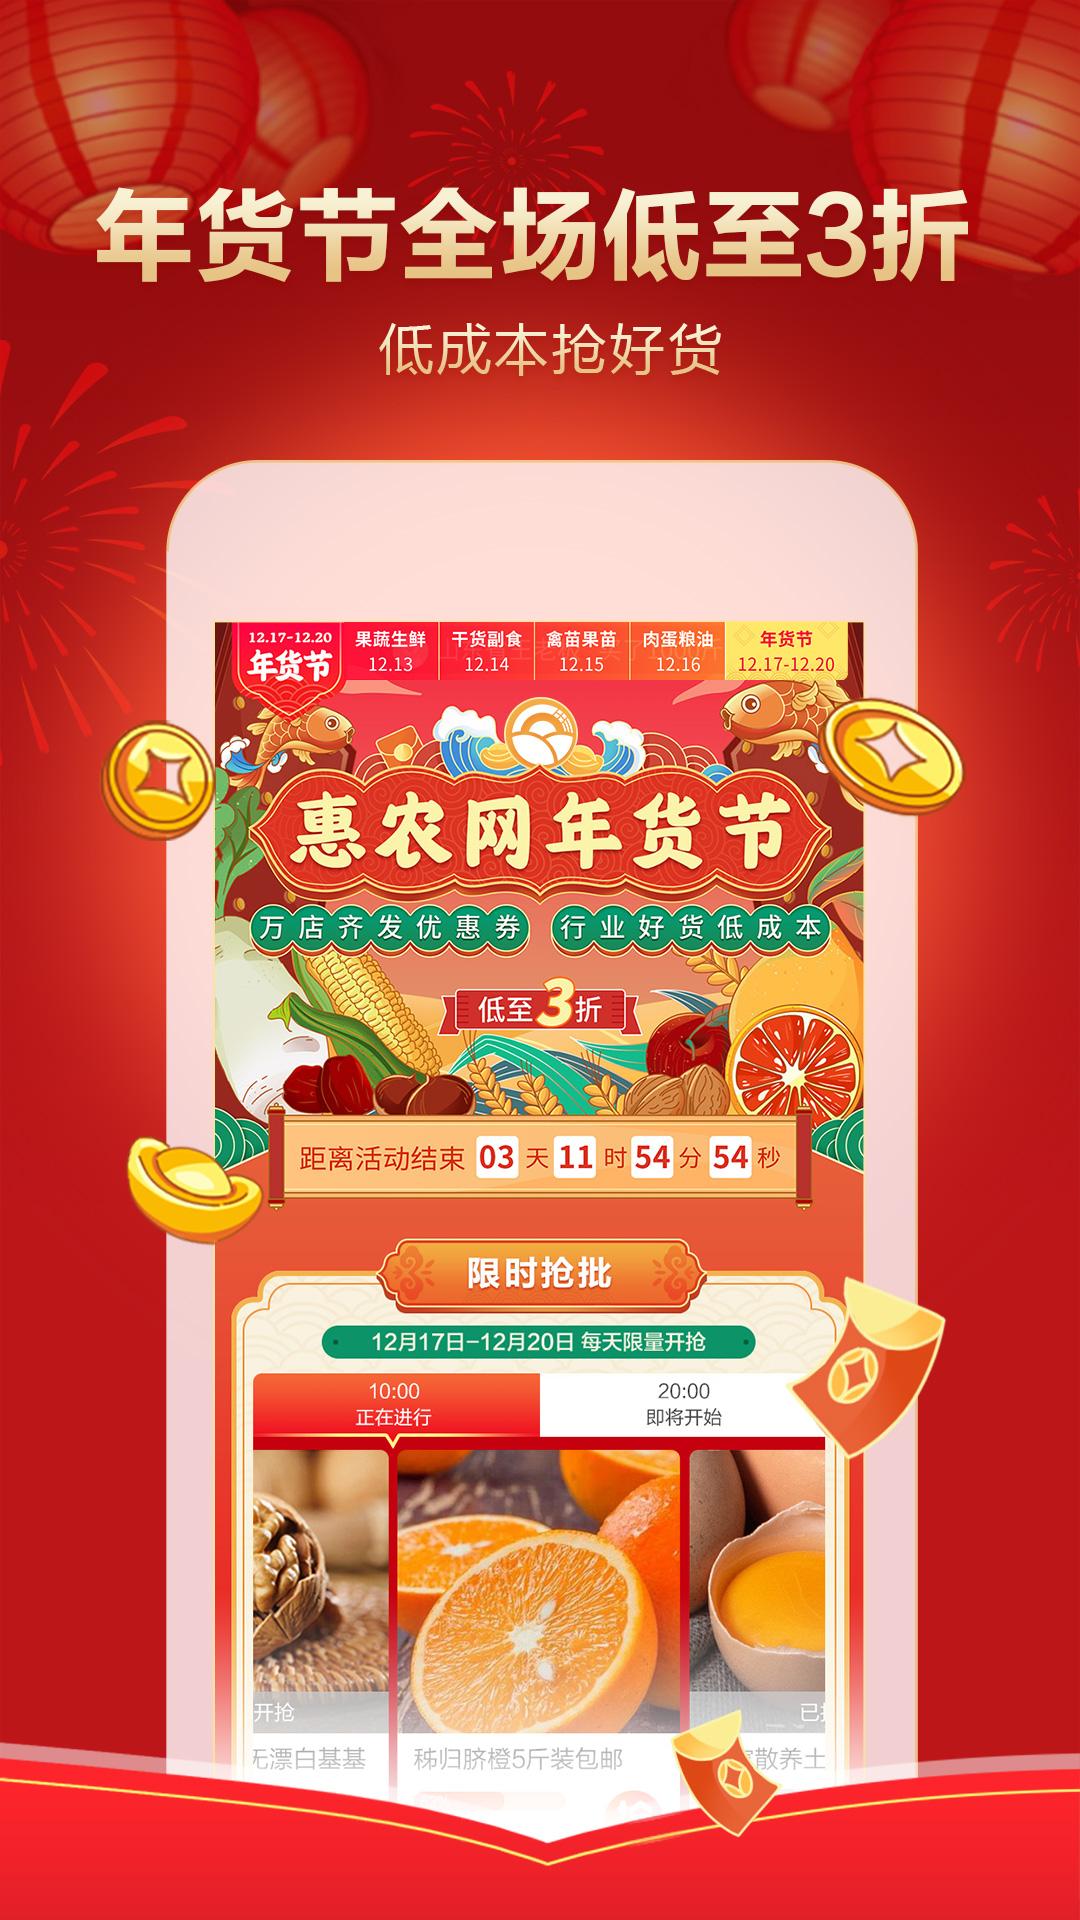 惠农网截图(1)